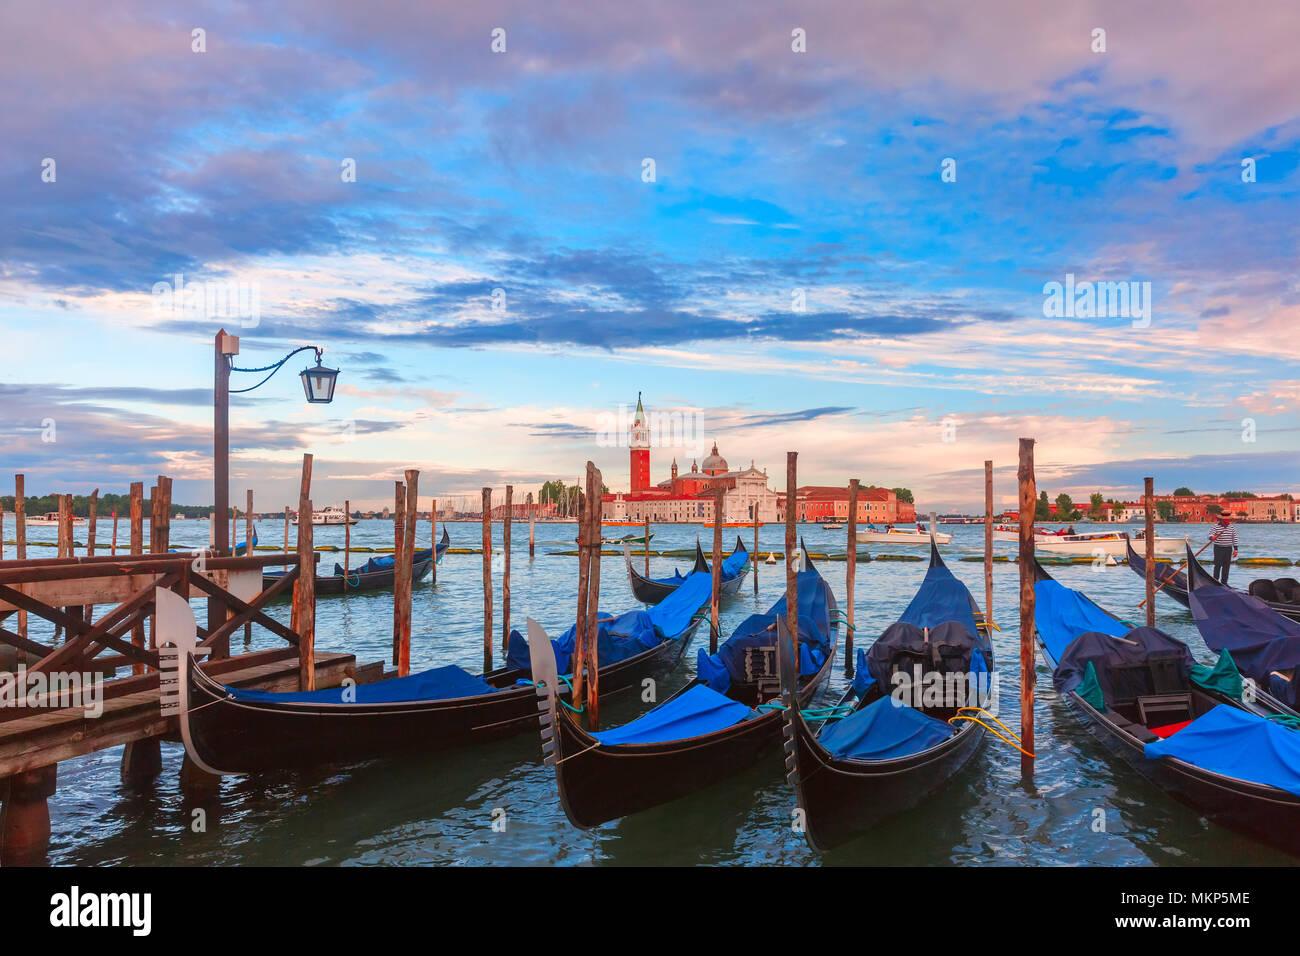 Church of San Giorgio Maggiore in Venice, Italia - Stock Image